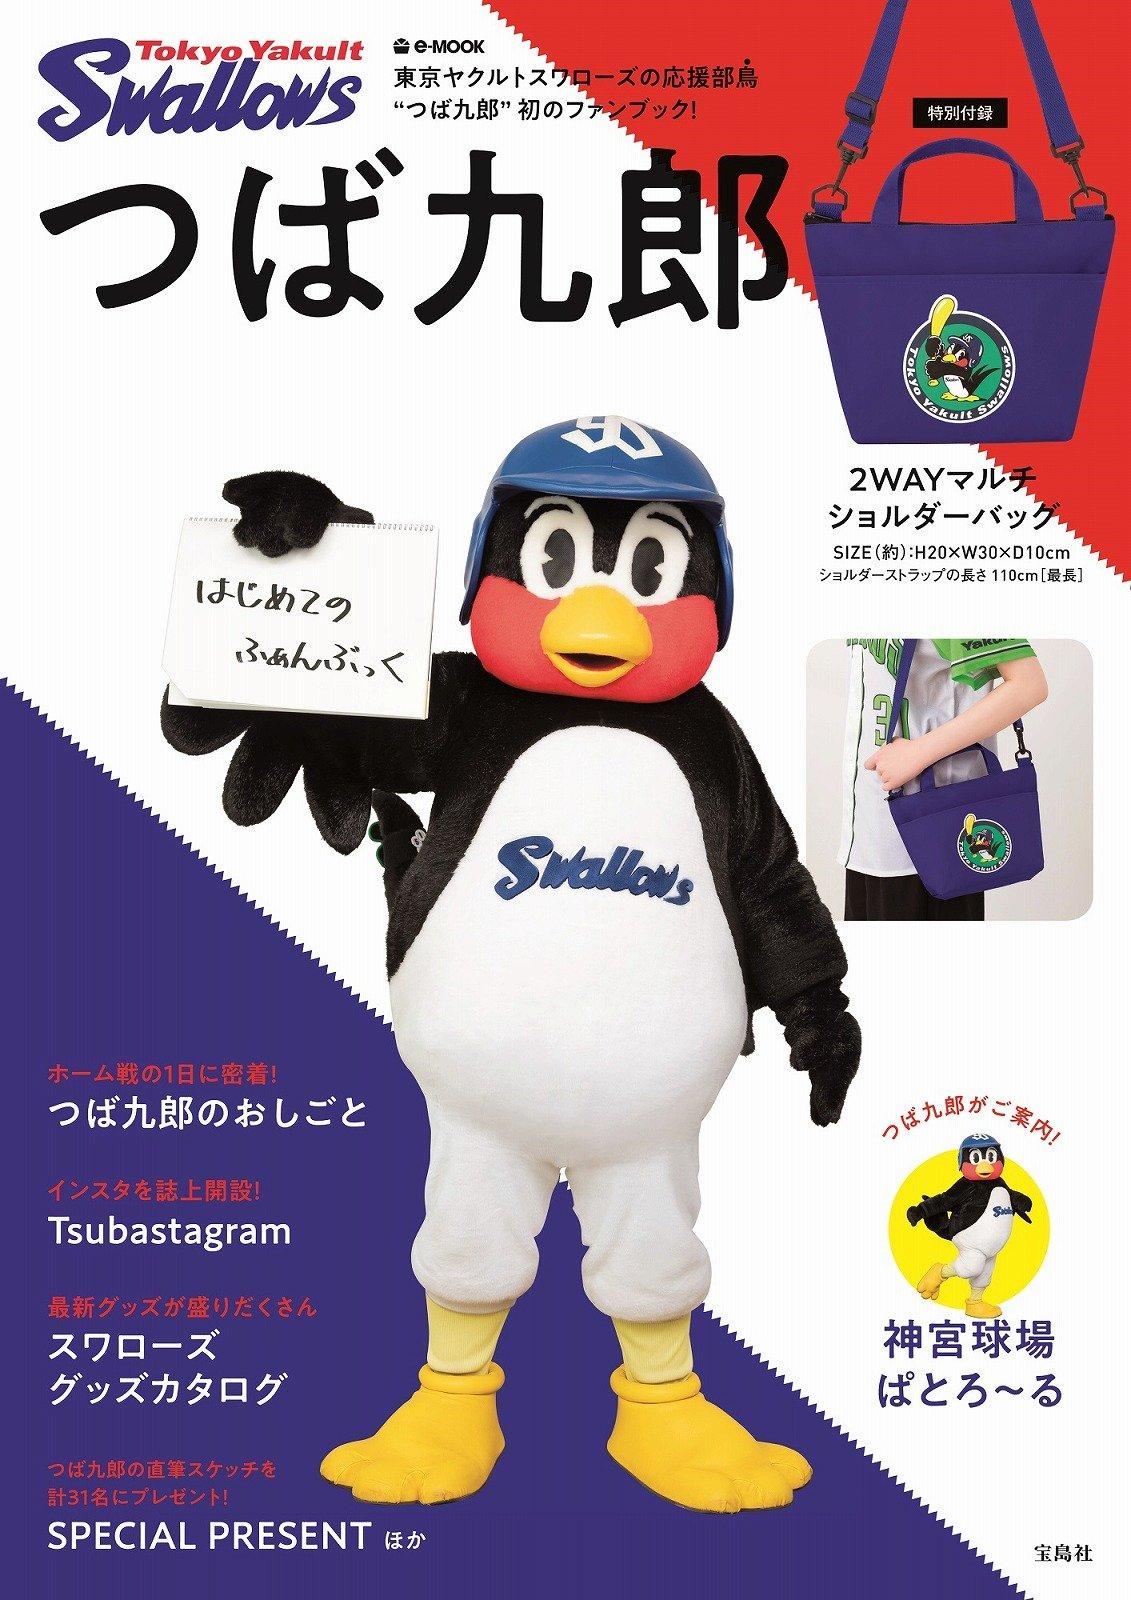 つば九郎のムック本「つば九郎 はじめてのふぁんぶっく」研二登場!